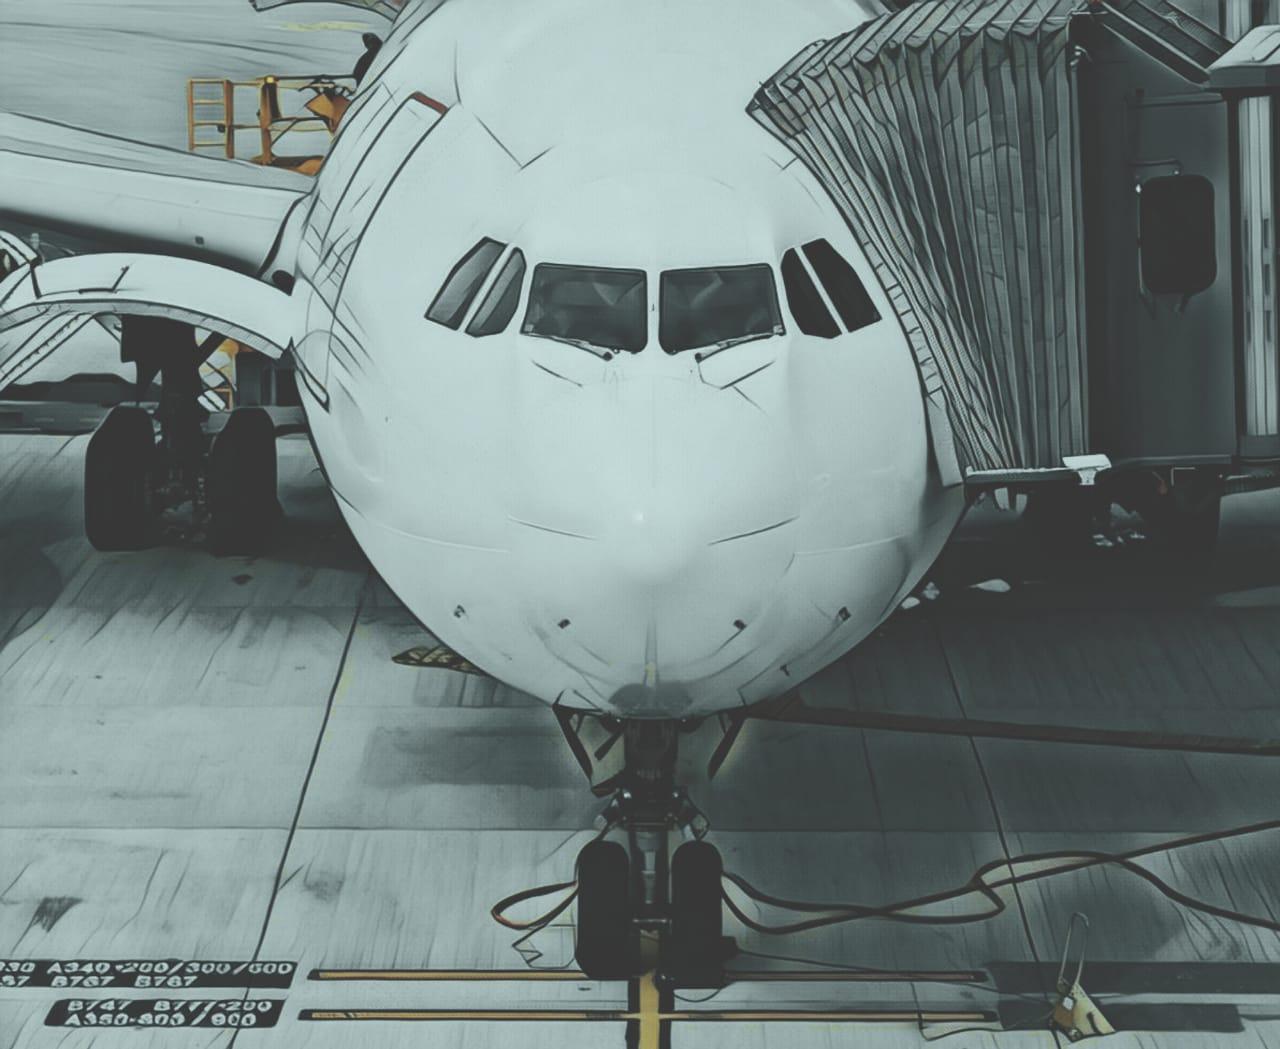 https: img.okezone.com content 2019 05 21 320 2058519 mahalnya-tiket-pesawat-jadi-kendala-ekspor-makanan-ri-ke-afrika-pj7gIVpPKW.jpg